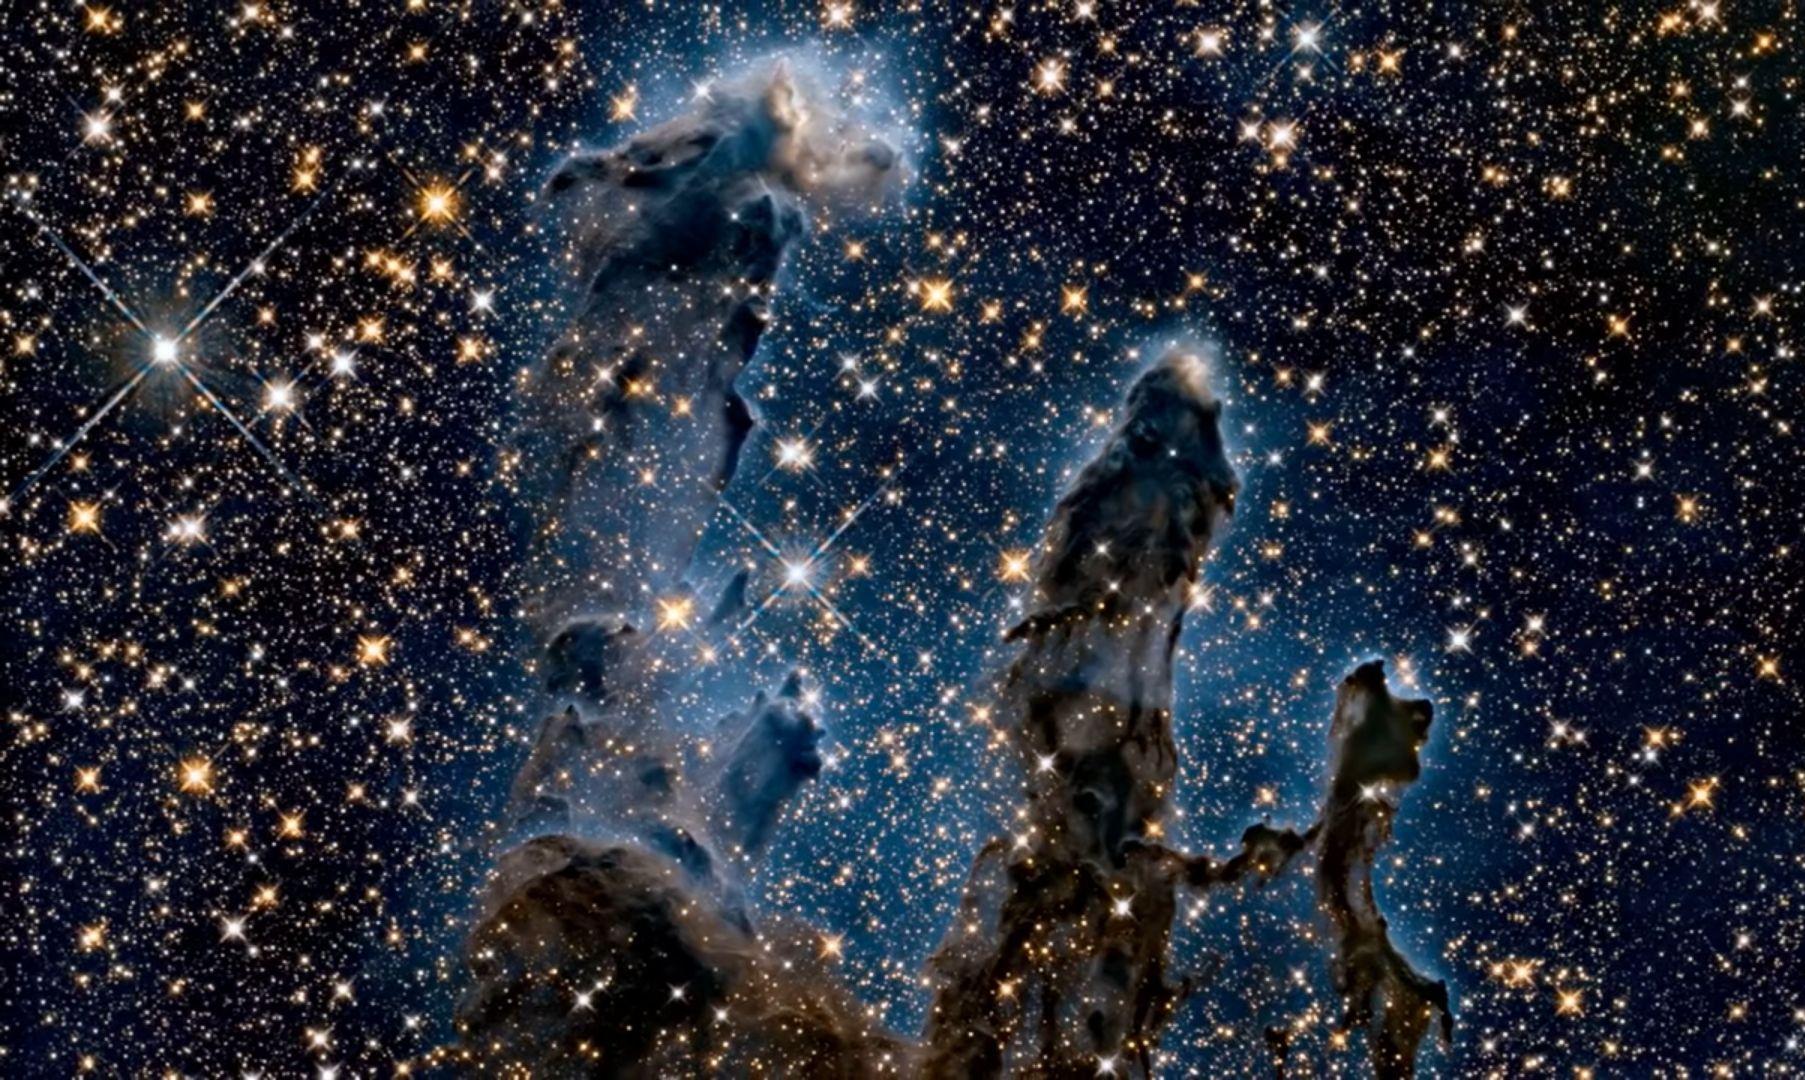 Nebuloasa Vulturului - Stâlpii Creaţiei